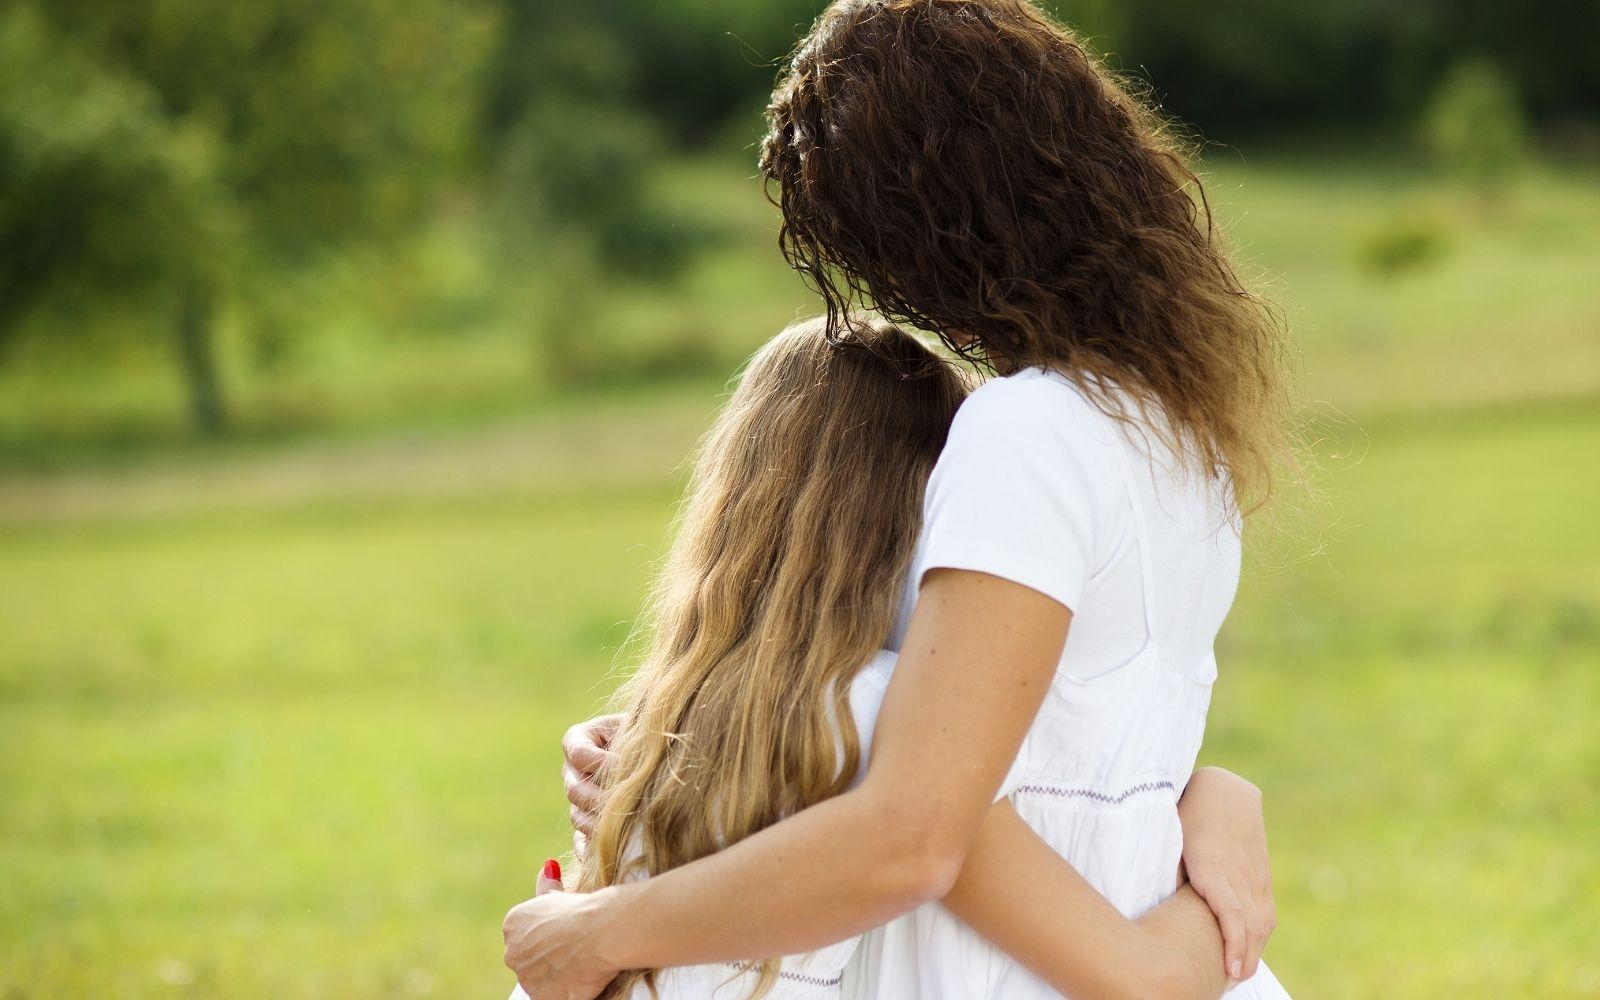 madre e hija abrazadas